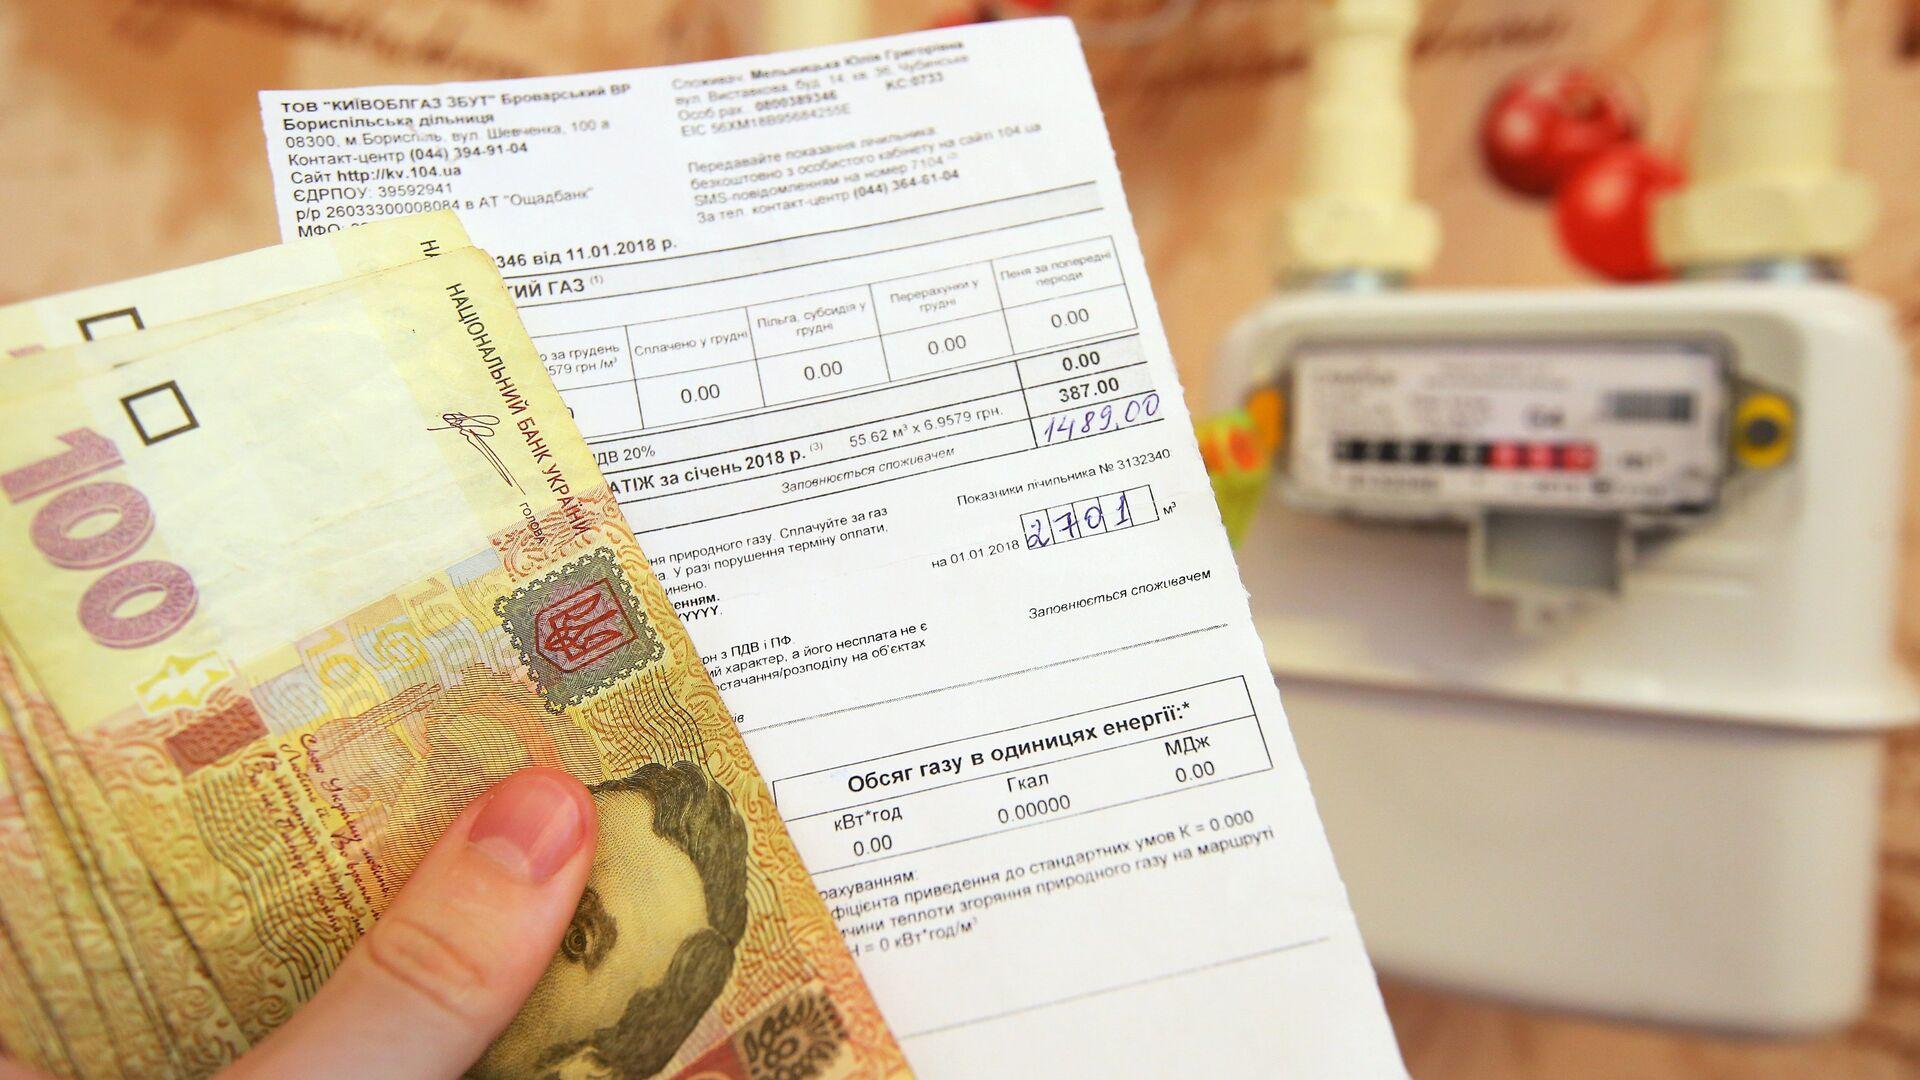 Денежные купюры Украины и квитанция за оплату коммунальных услуг - РИА Новости, 1920, 26.01.2021